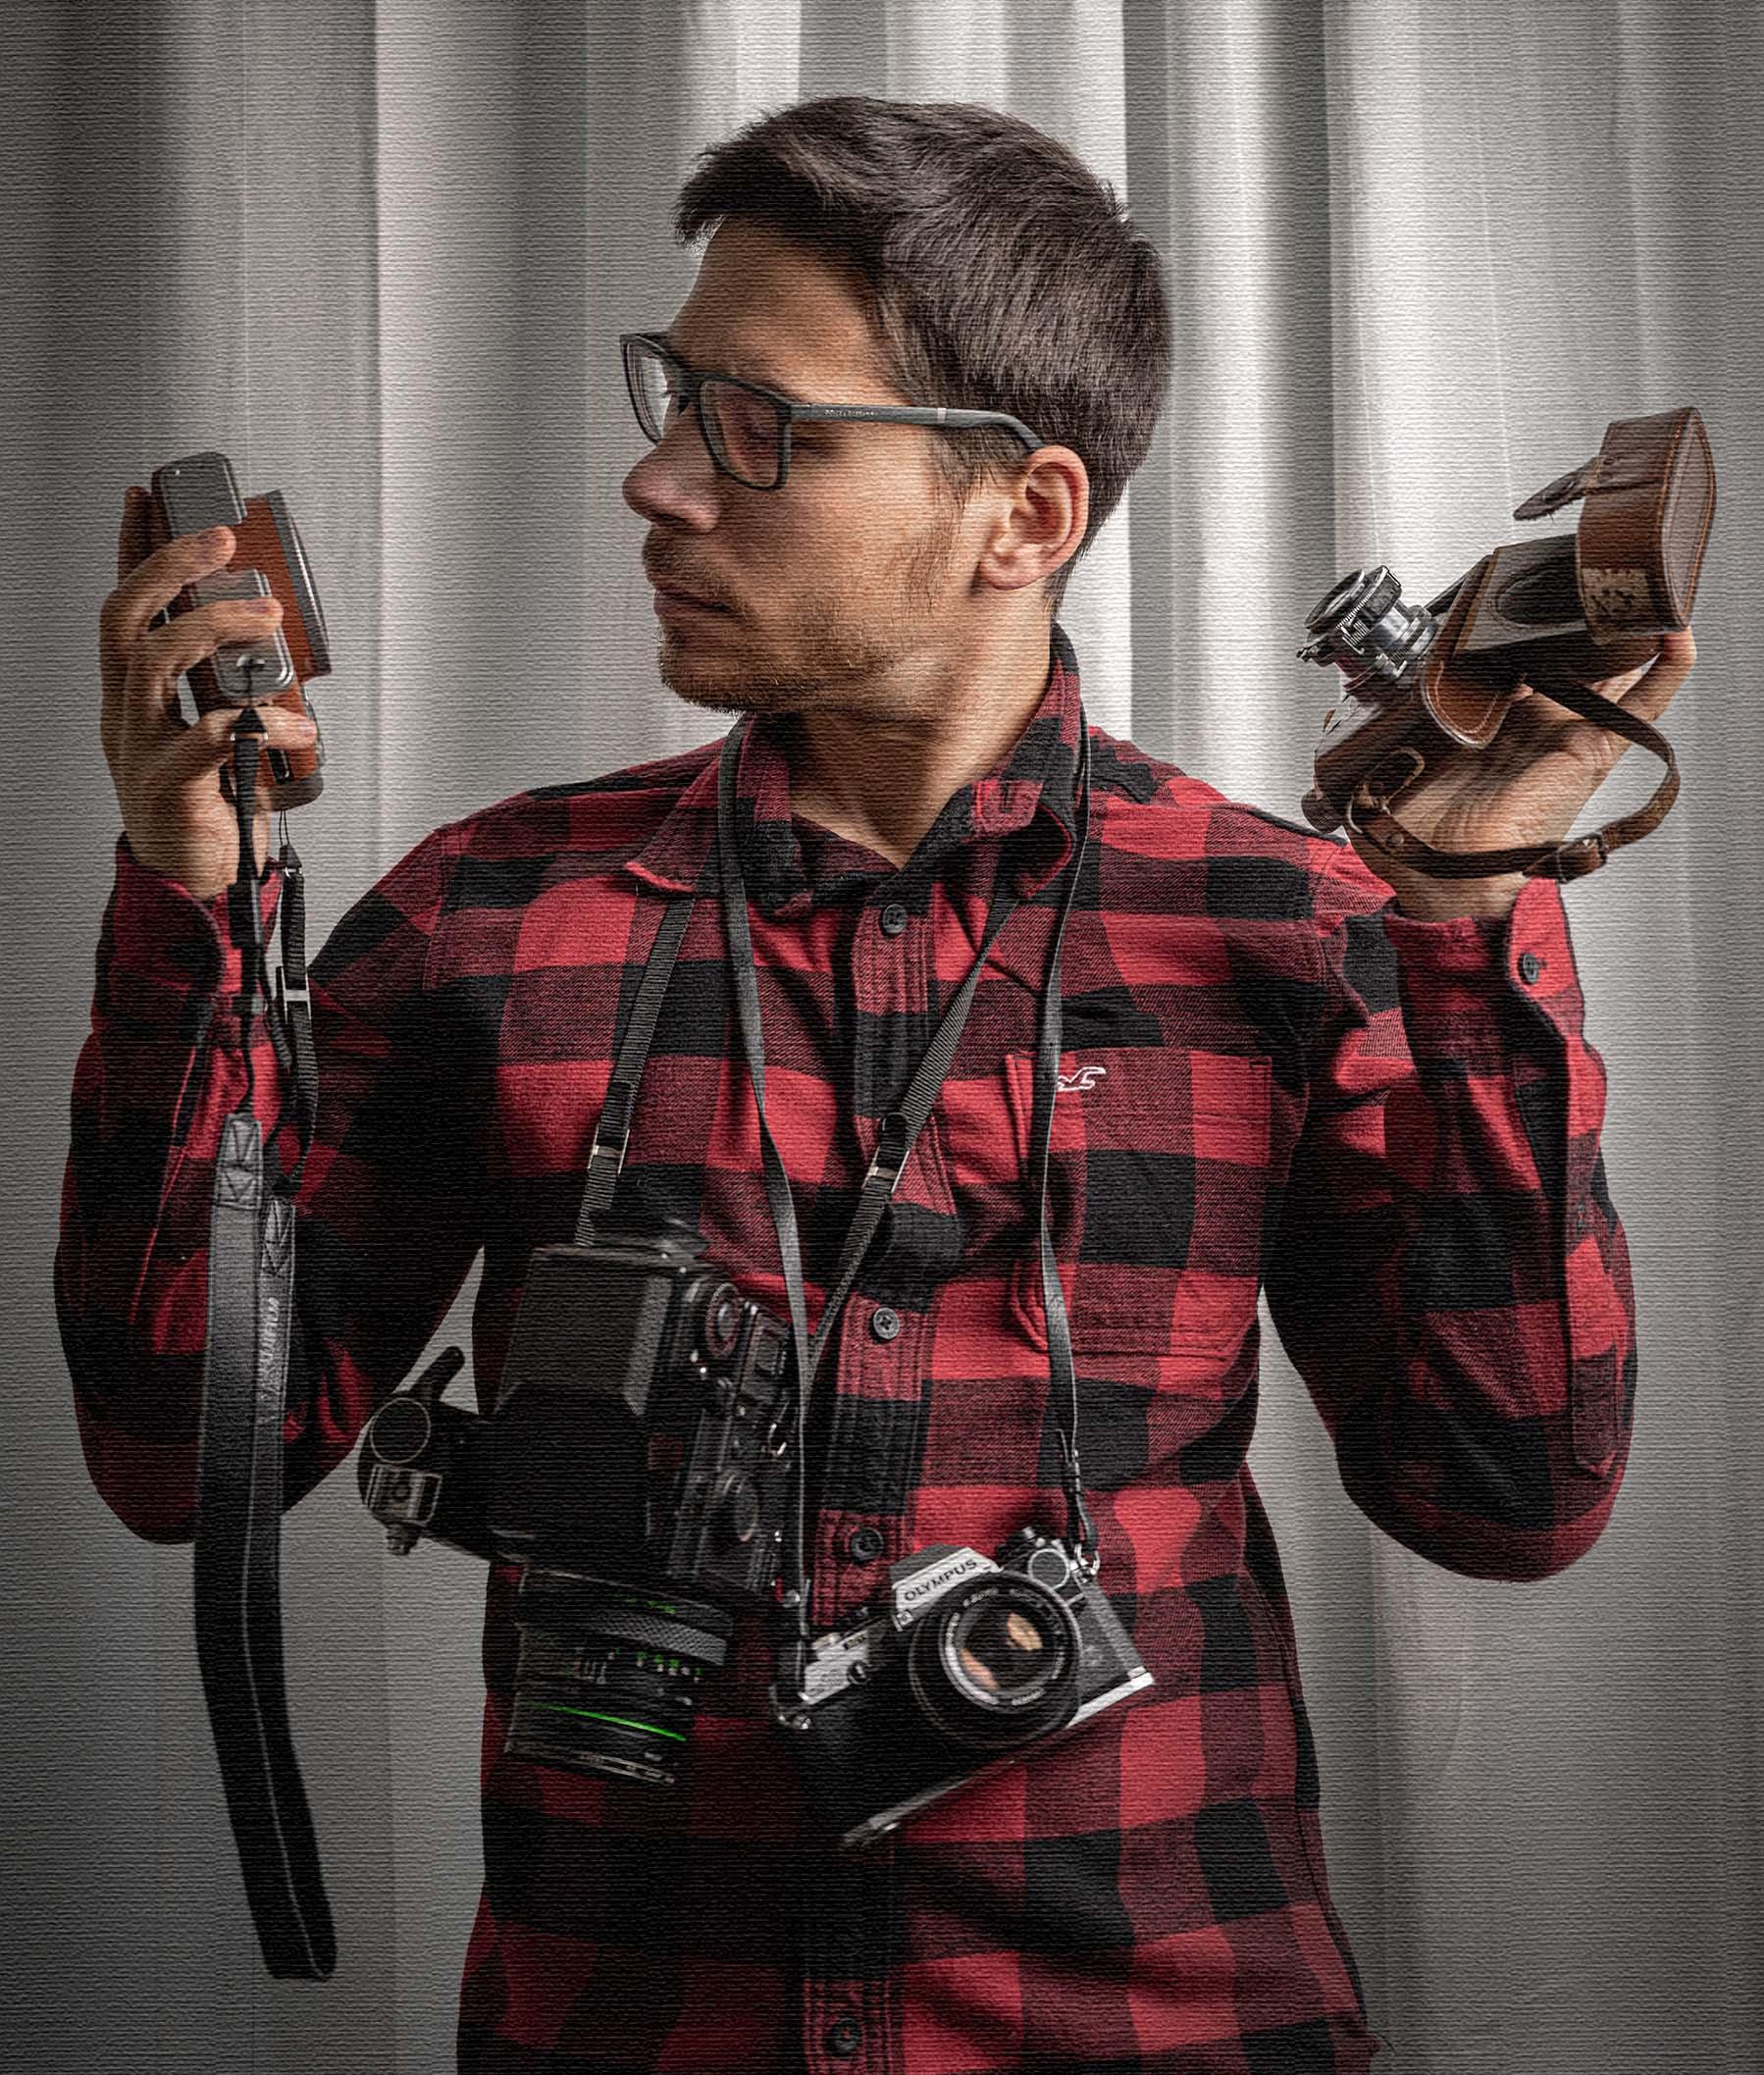 Tommaso-cimarelli-fotografo